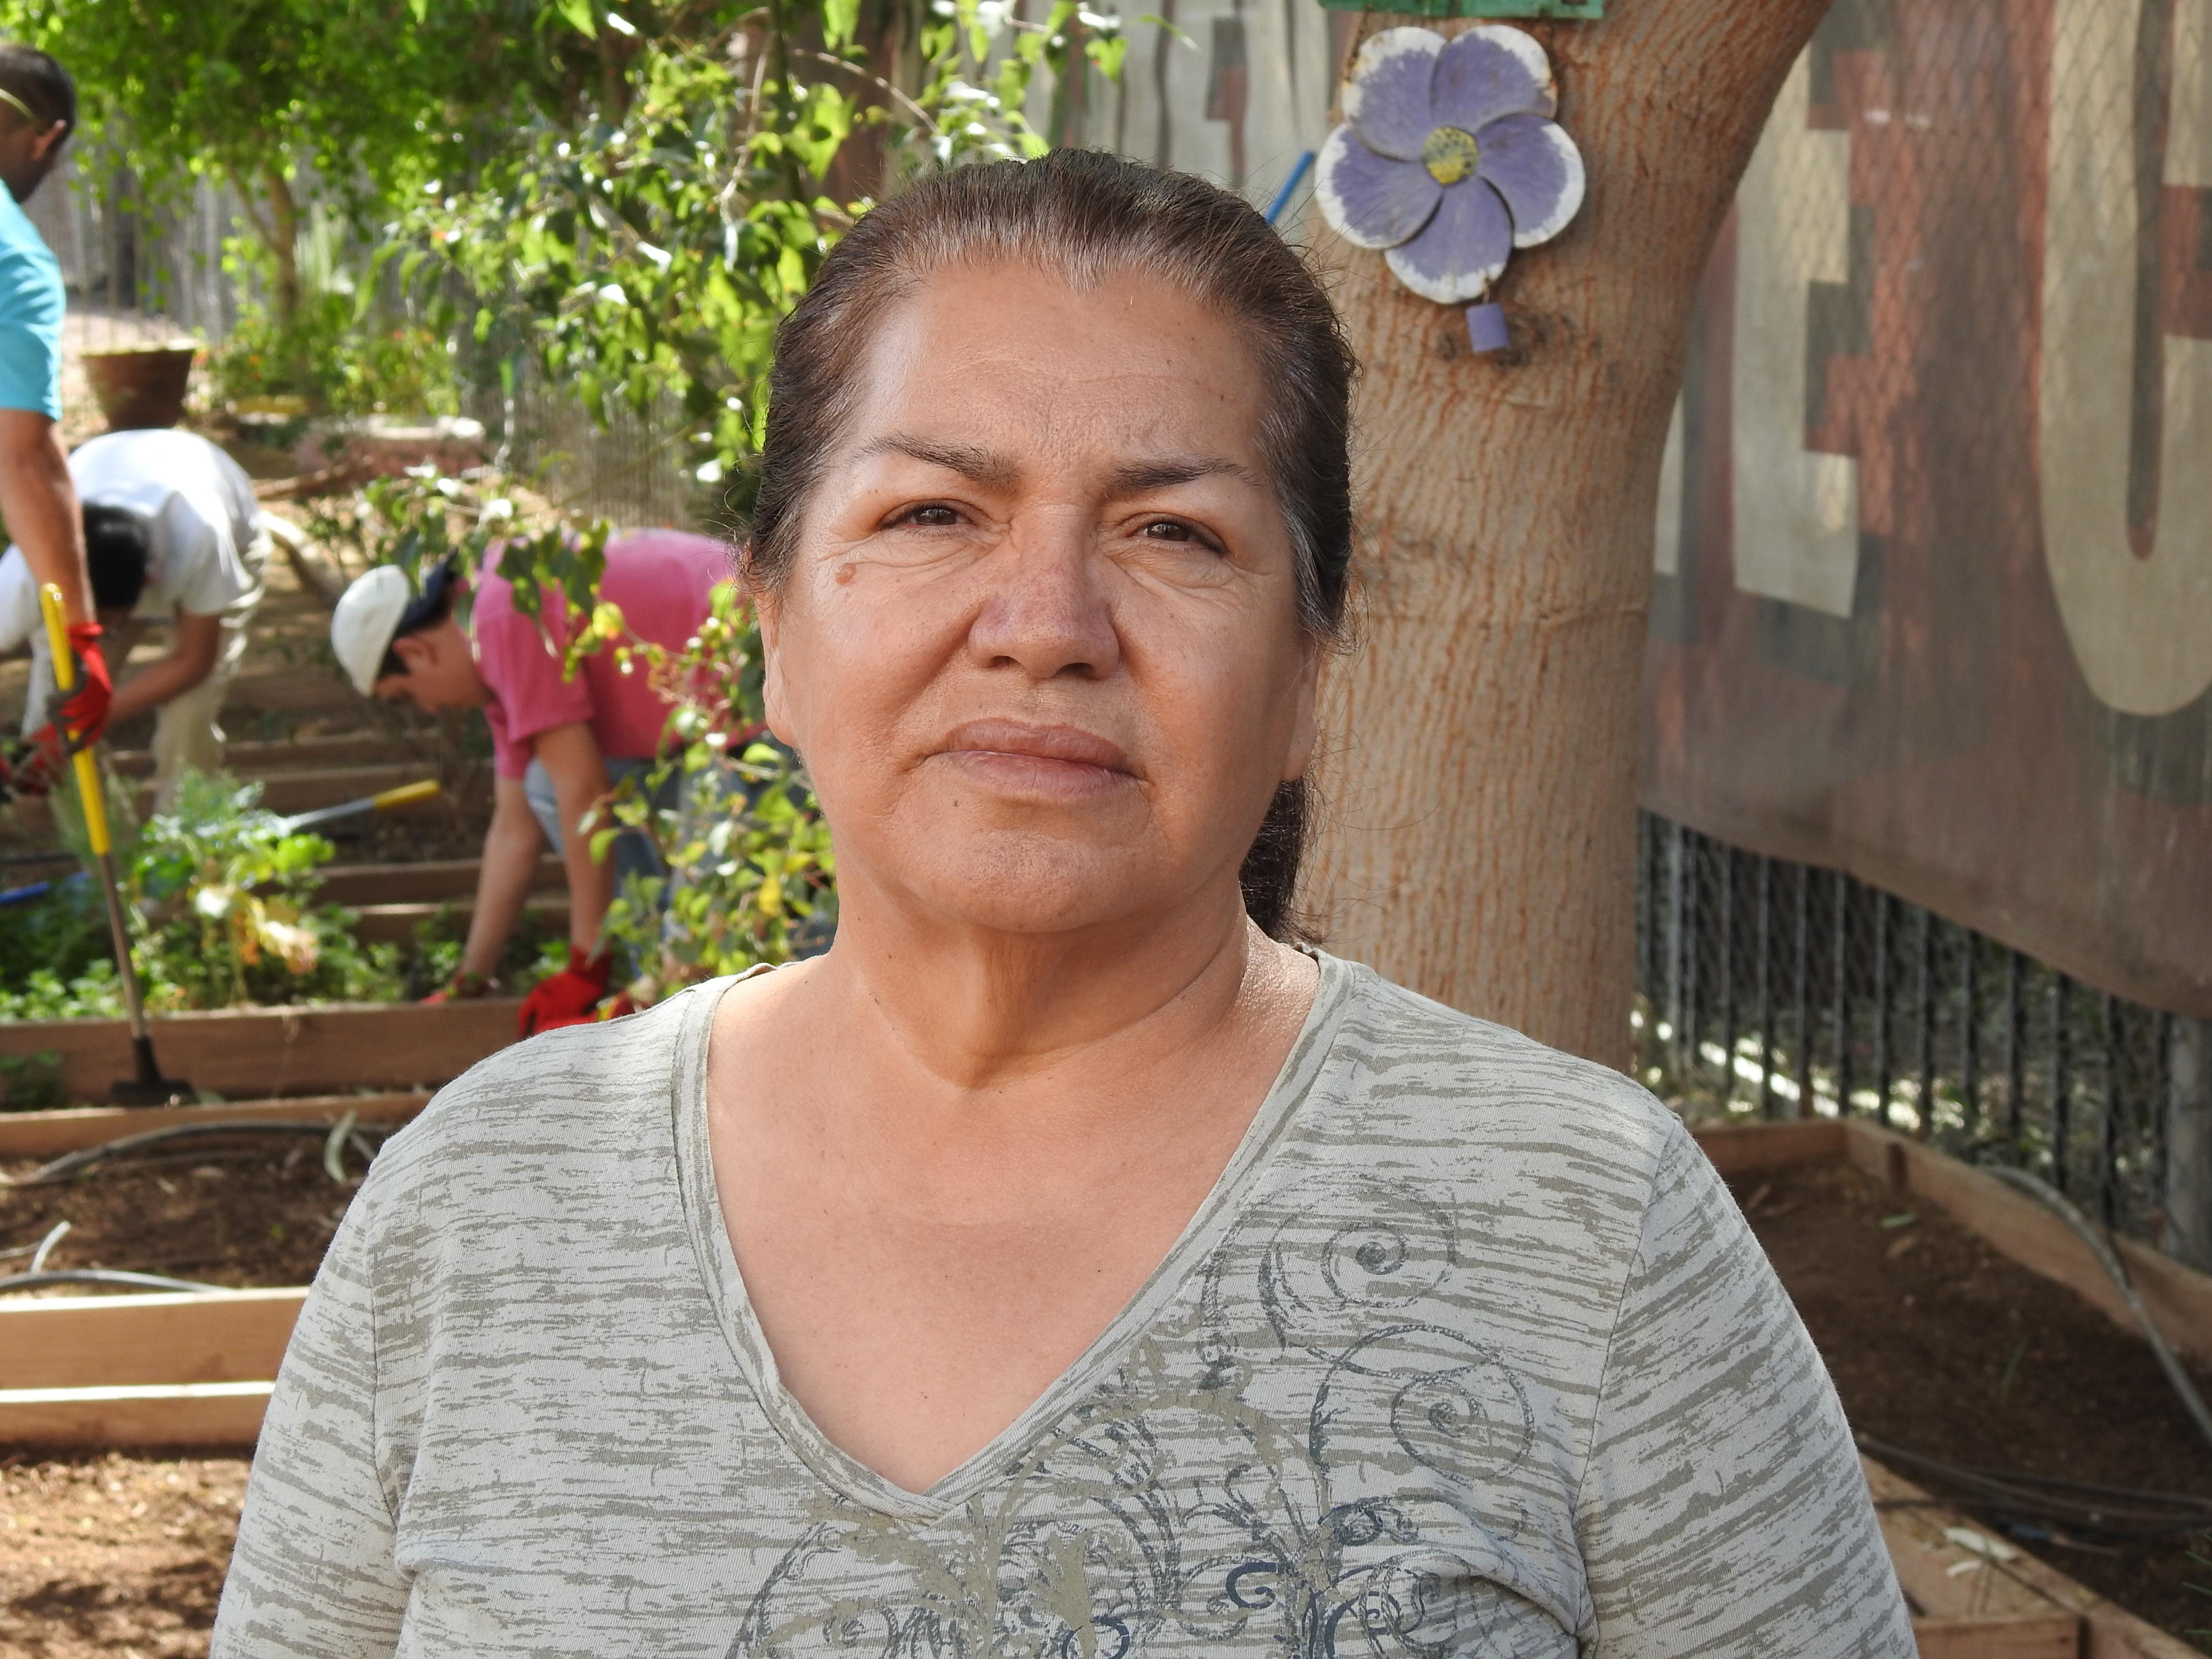 Irma Carrillo Nevarez, en el Centro Comunitario Golden Gate en Phoenix, Arizona. Ella dice que ha recibido poca ayuda de las autoridades para encontrar a sus hijos desaparecidos.